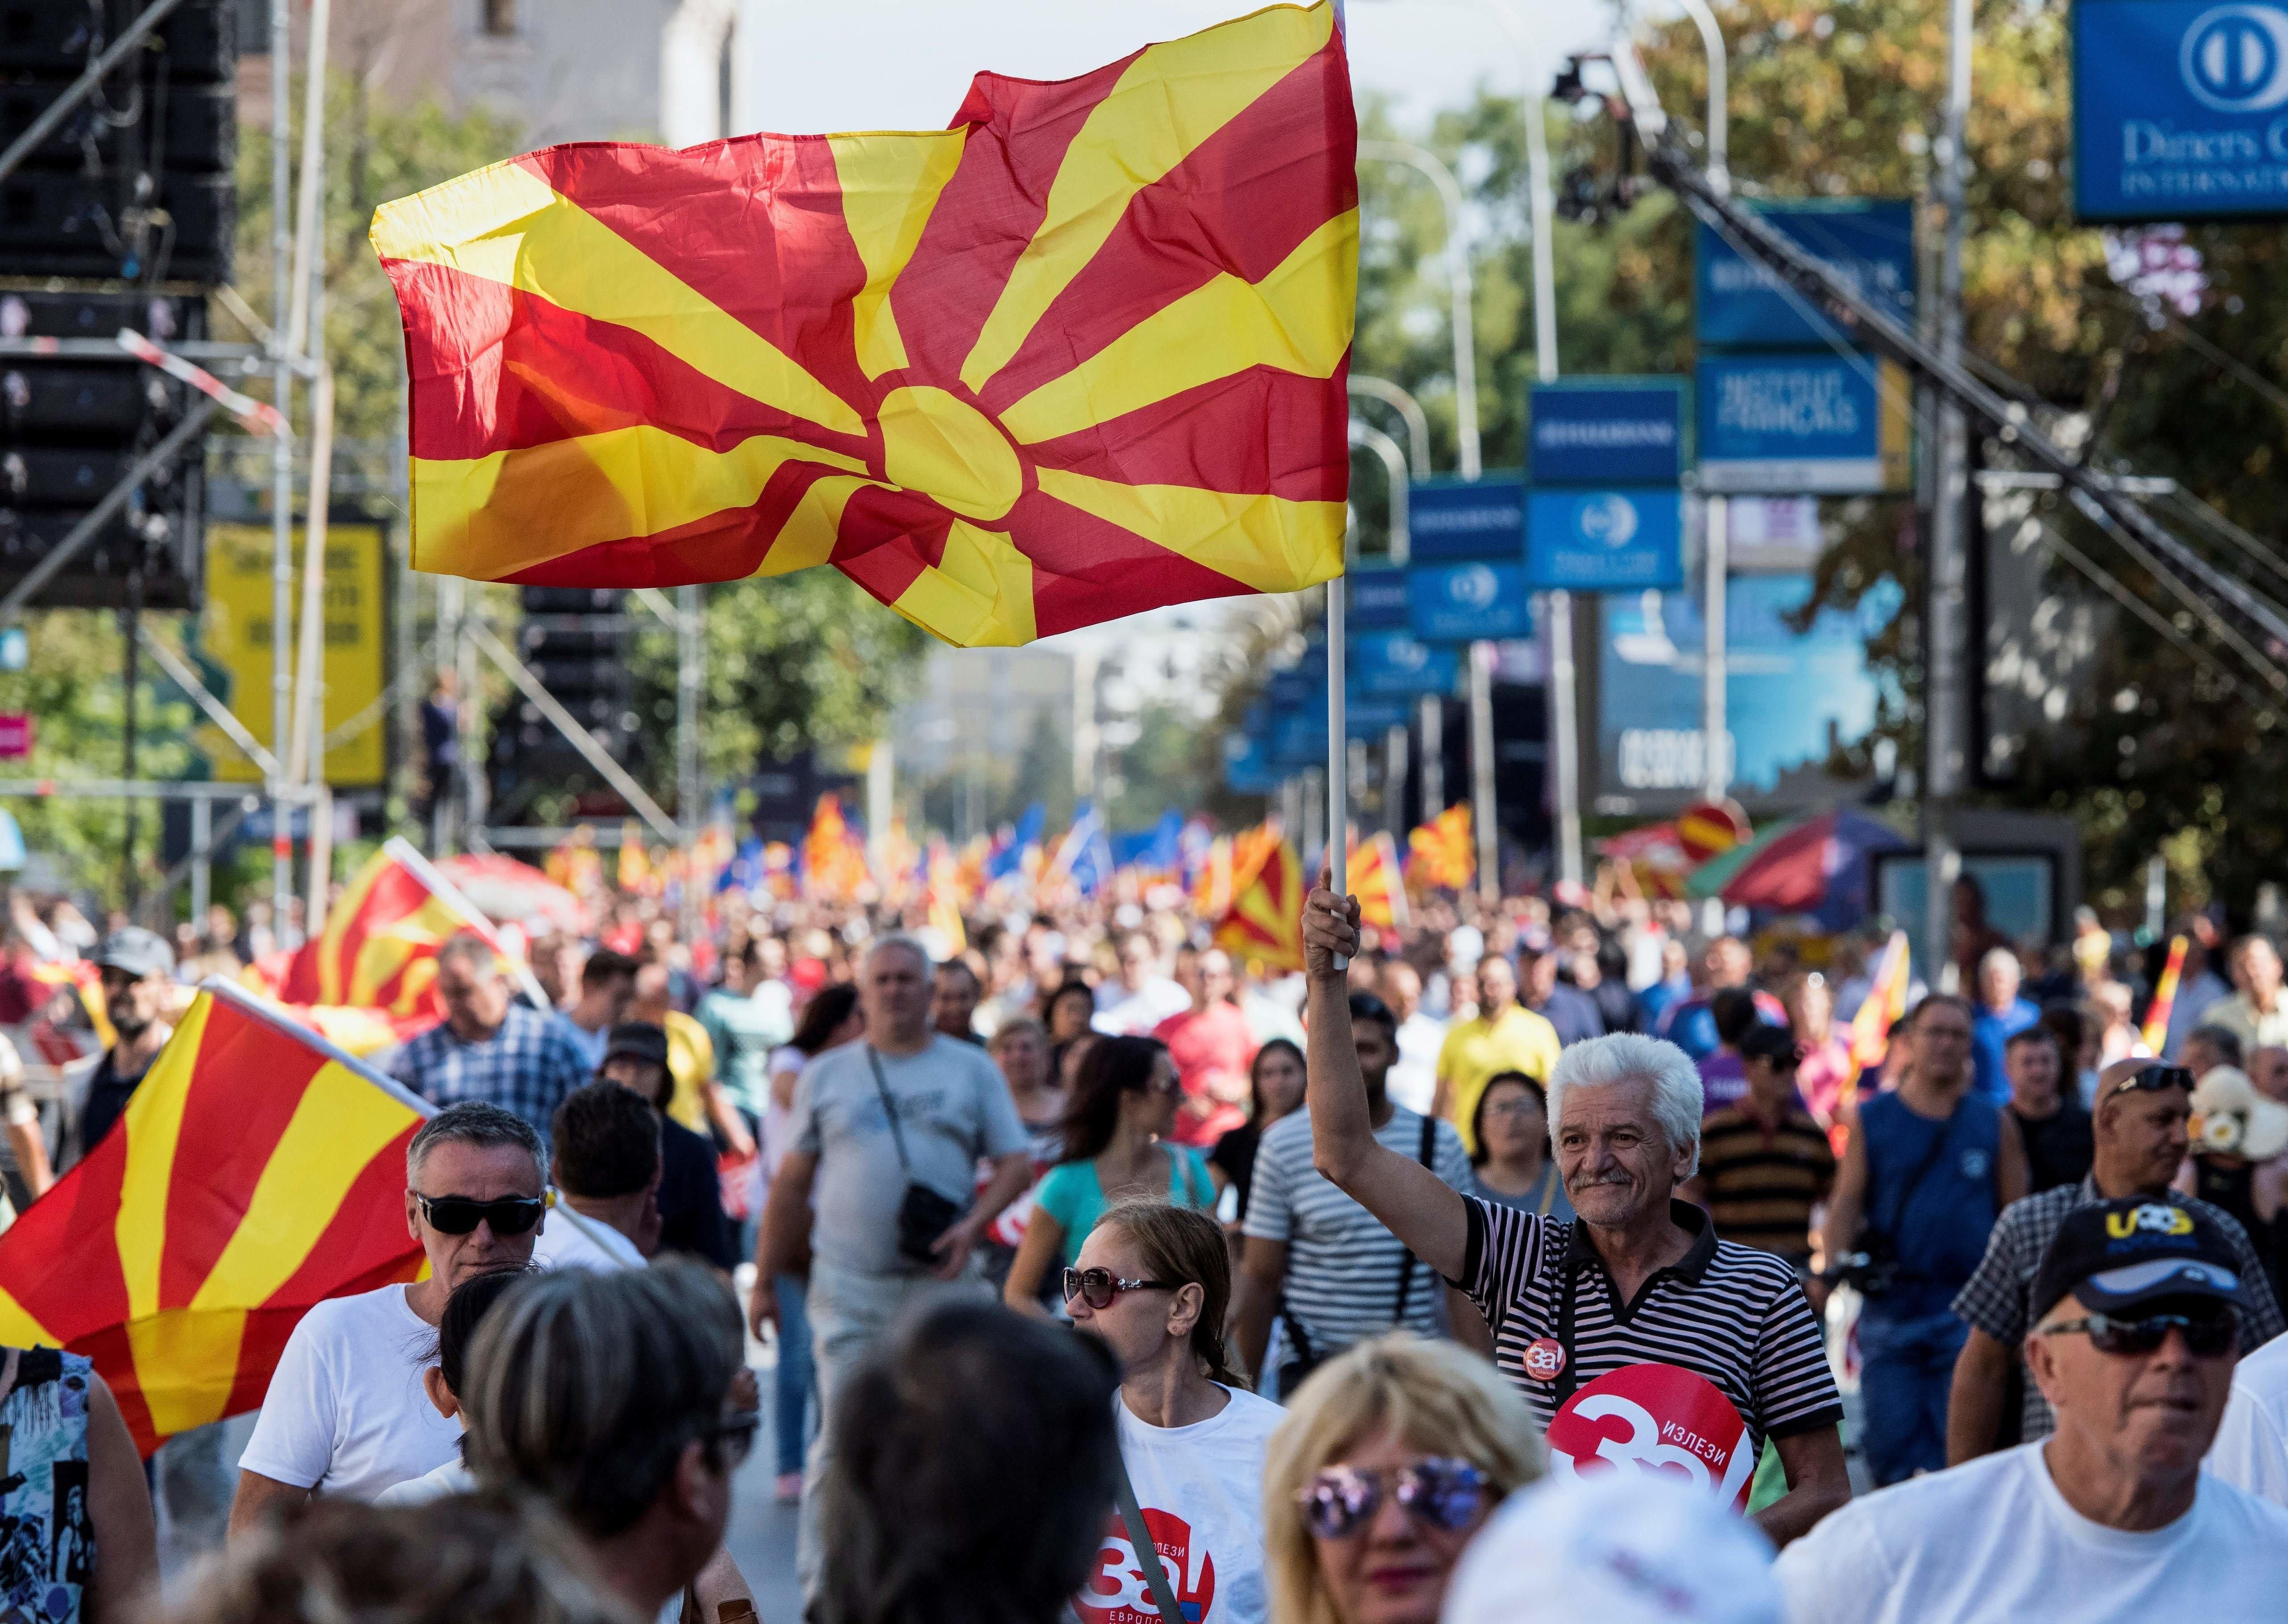 Τί θα γίνει στην πΓΔΜ αν δεν προσέλθουν την Κυριακή στο δημοψήφισμα οι μισοί